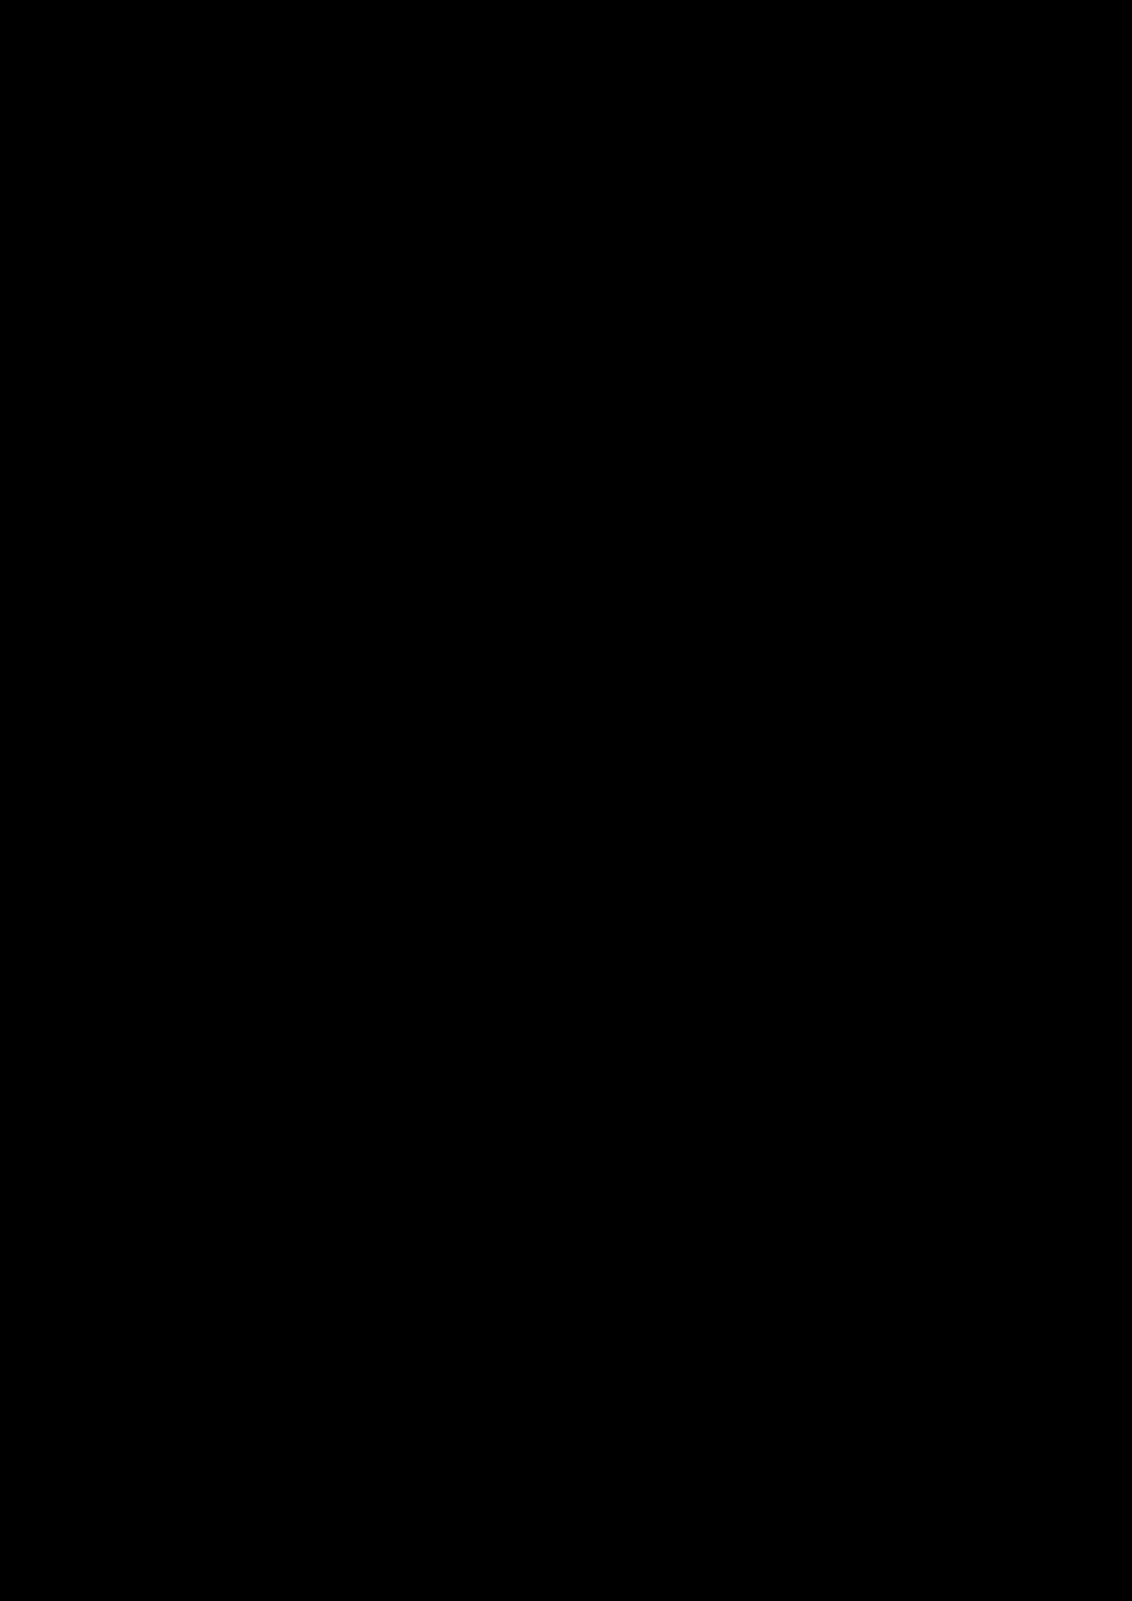 Proschanie s volshebnoy stranoy slide, Image 68